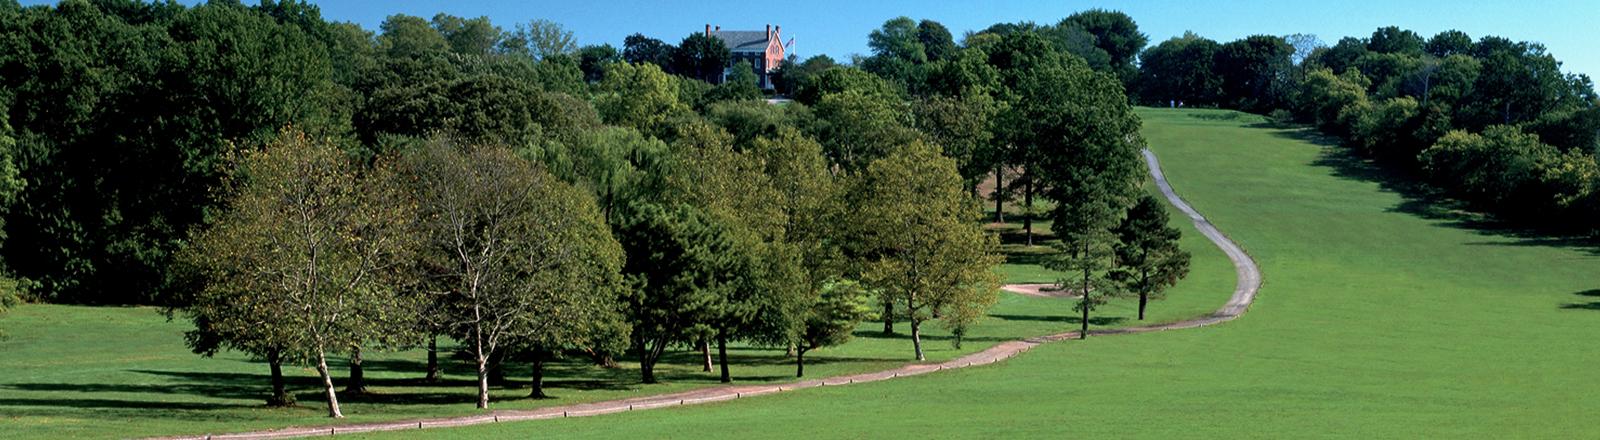 La Tourette Golf Course Header